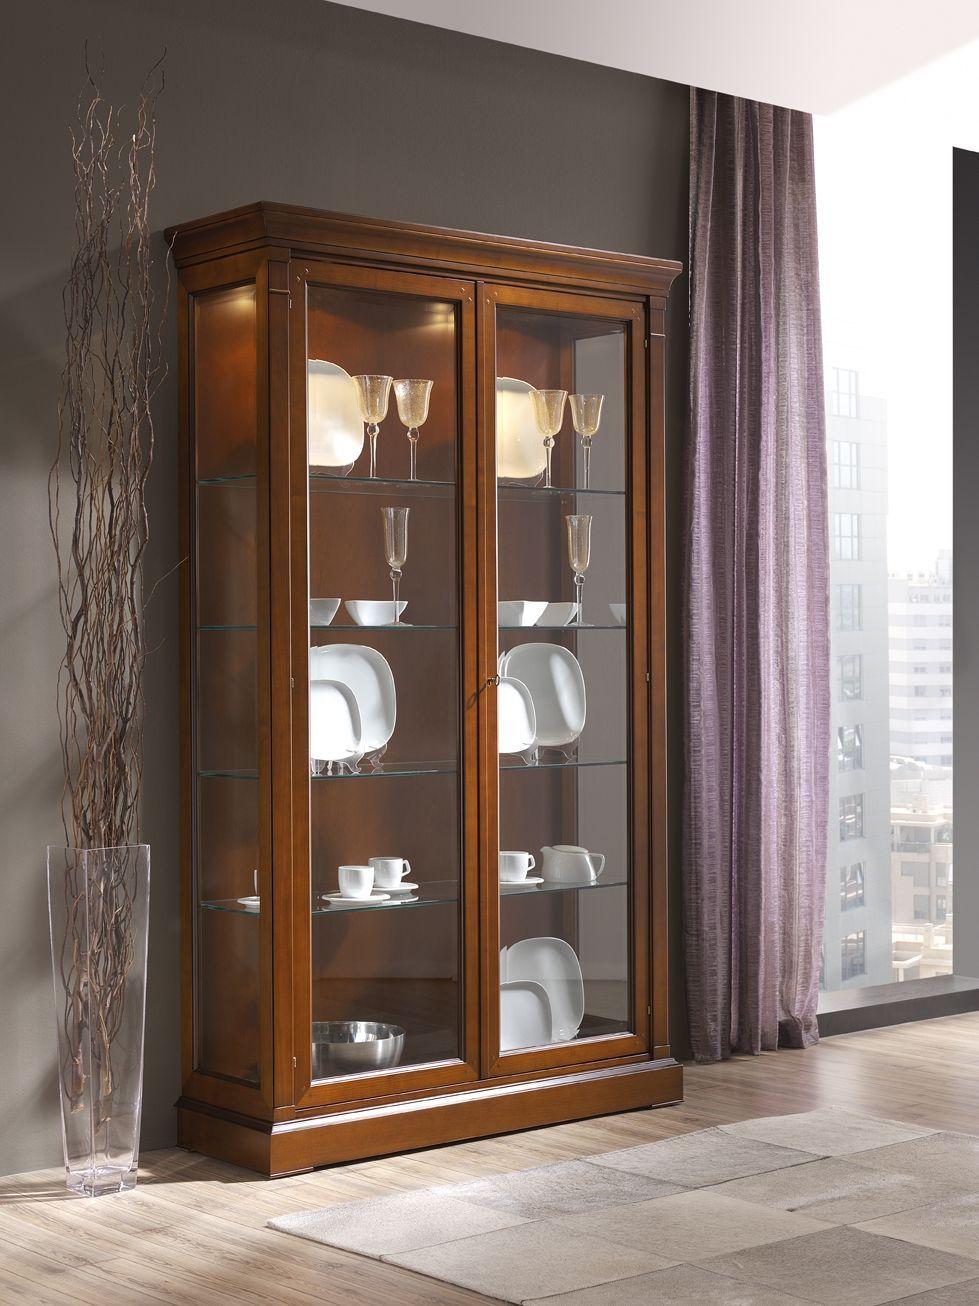 Pin de gary valverde en vitrina pinterest vitrinas for Vitrinas para comedor modernas